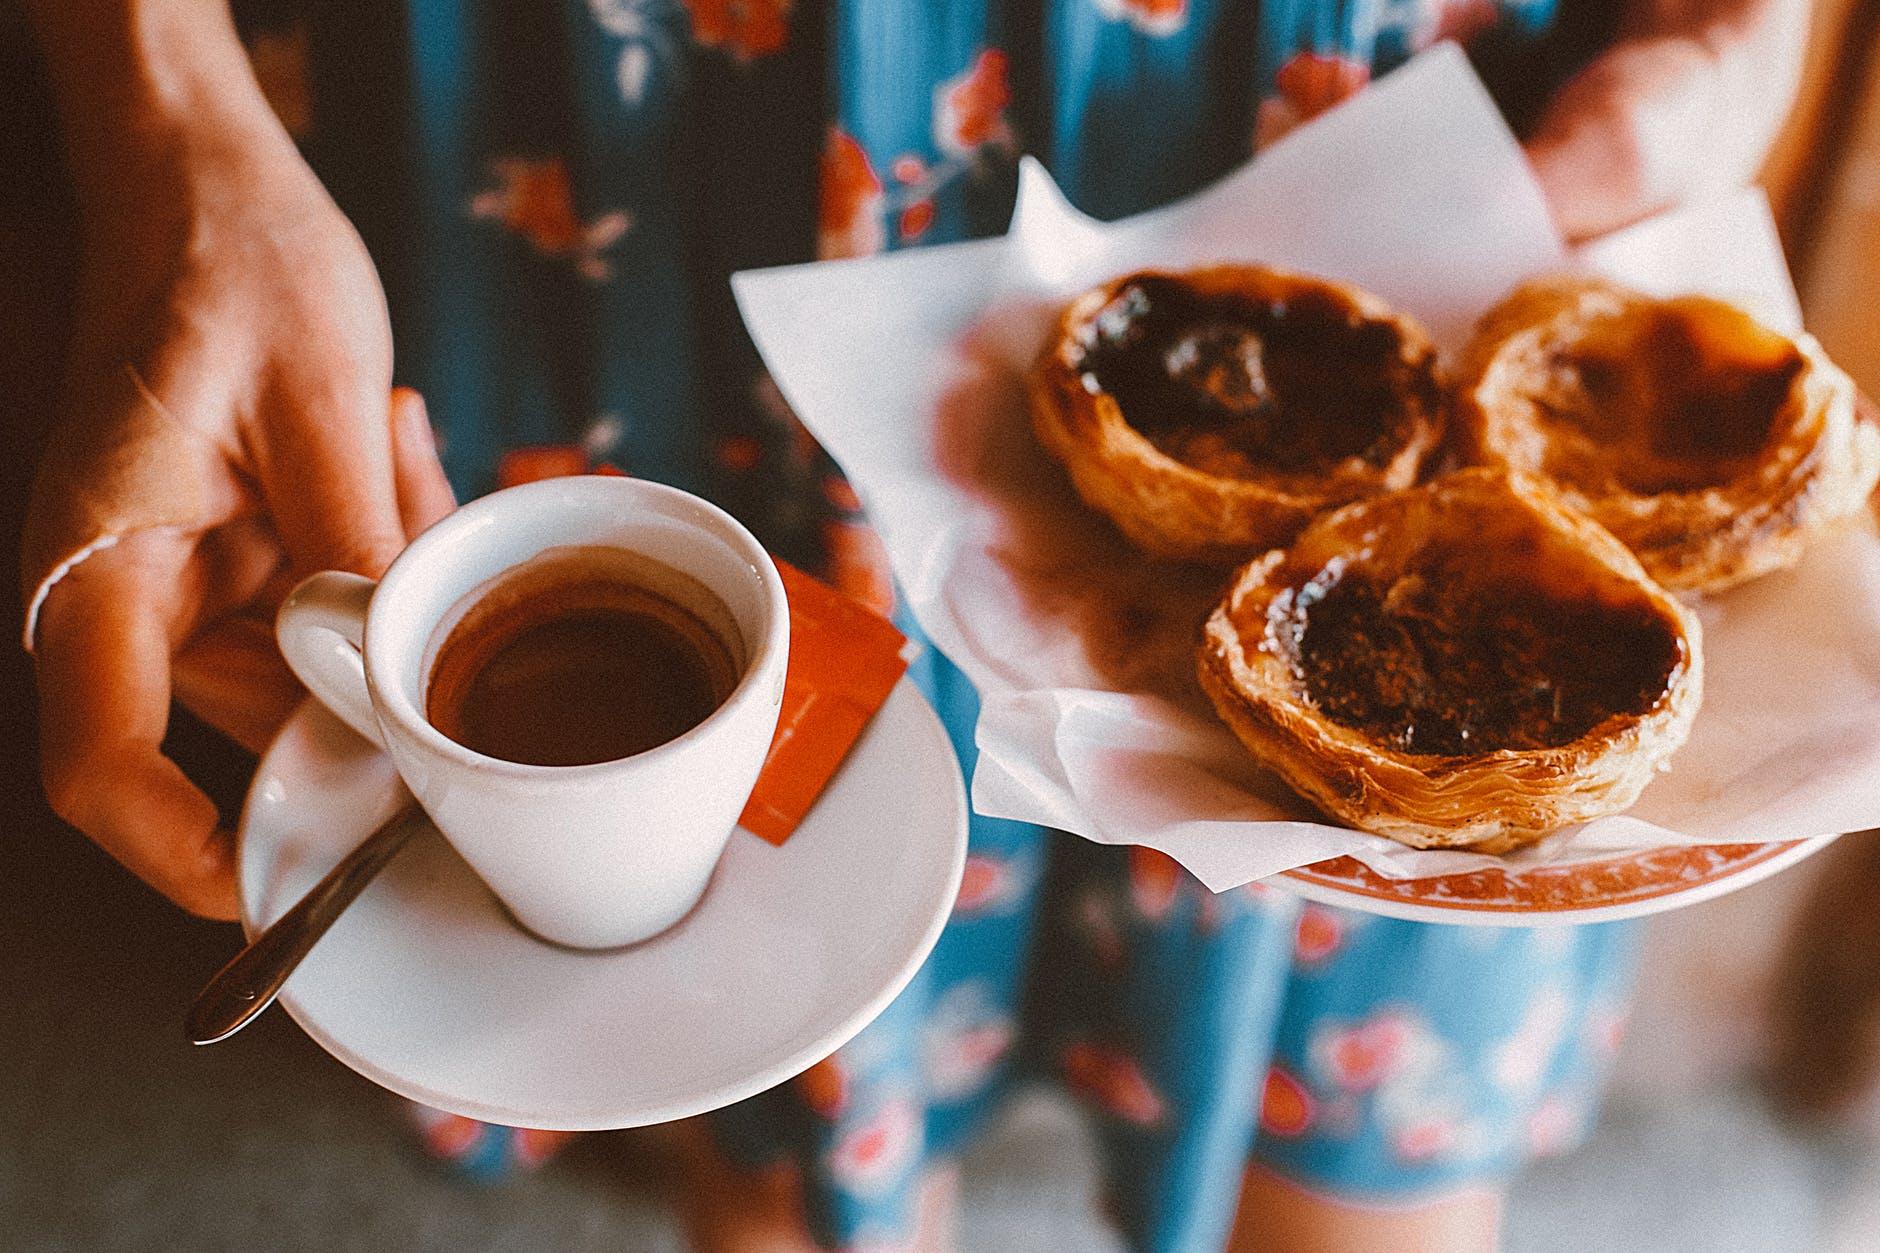 Coisas que Você Precisa Saber Antes de Reservar um Cruzeiro no Rio em Portugal - Alimentos